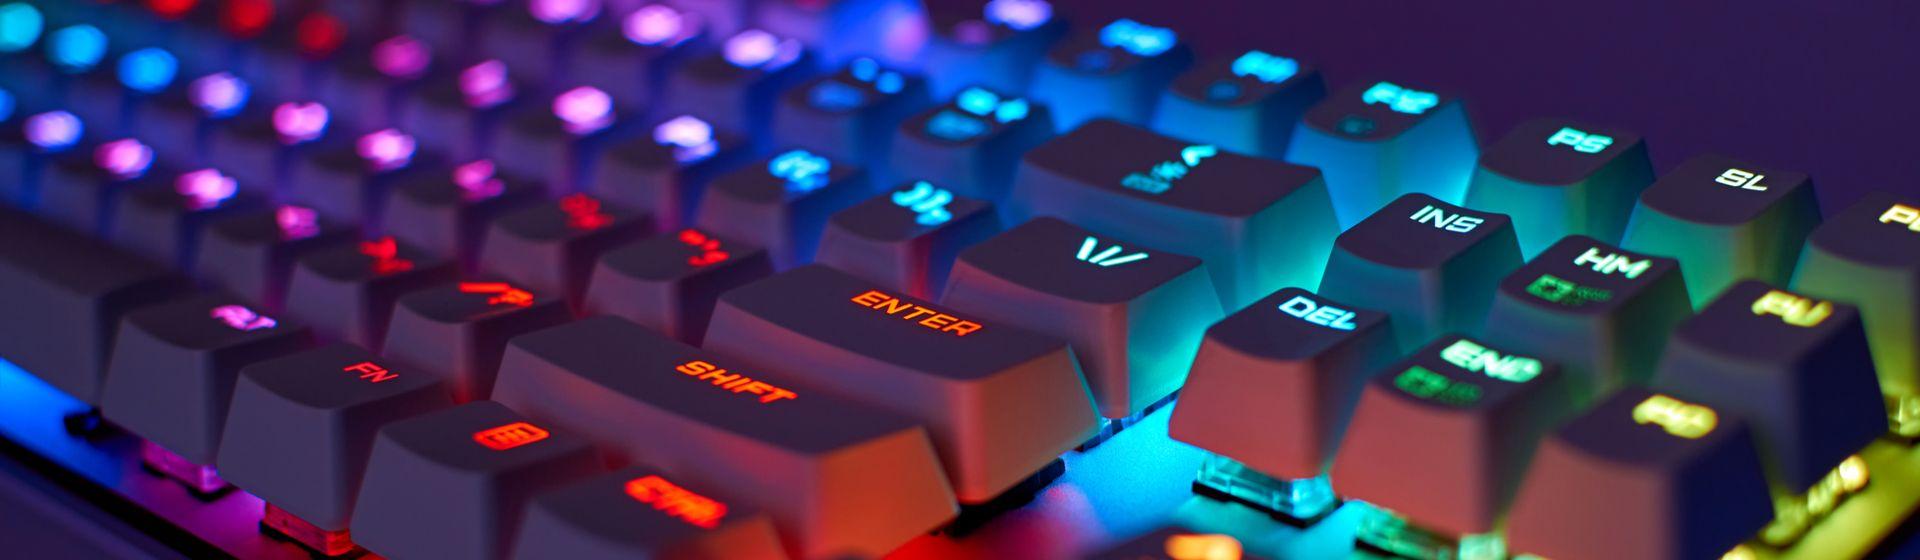 Melhor teclado mecânico em 2021: 10 opções para comprar